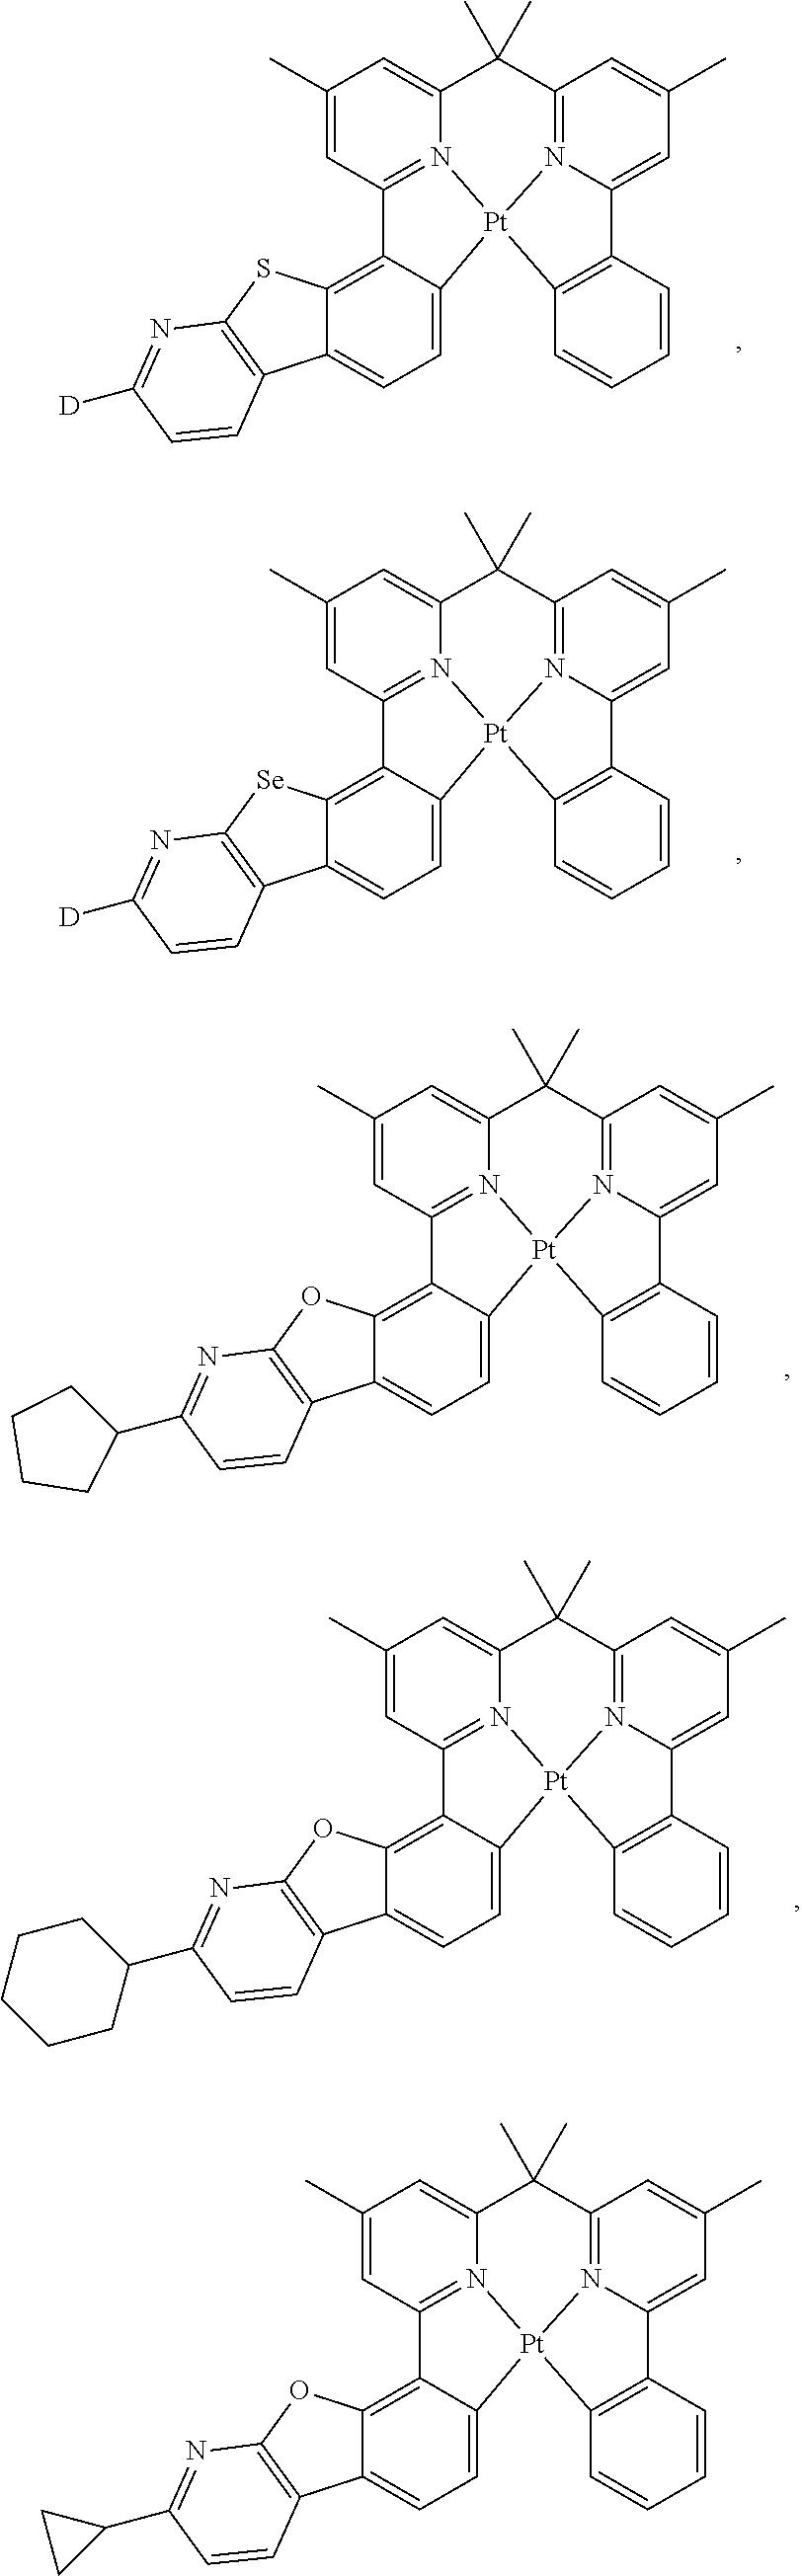 Figure US09871214-20180116-C00265